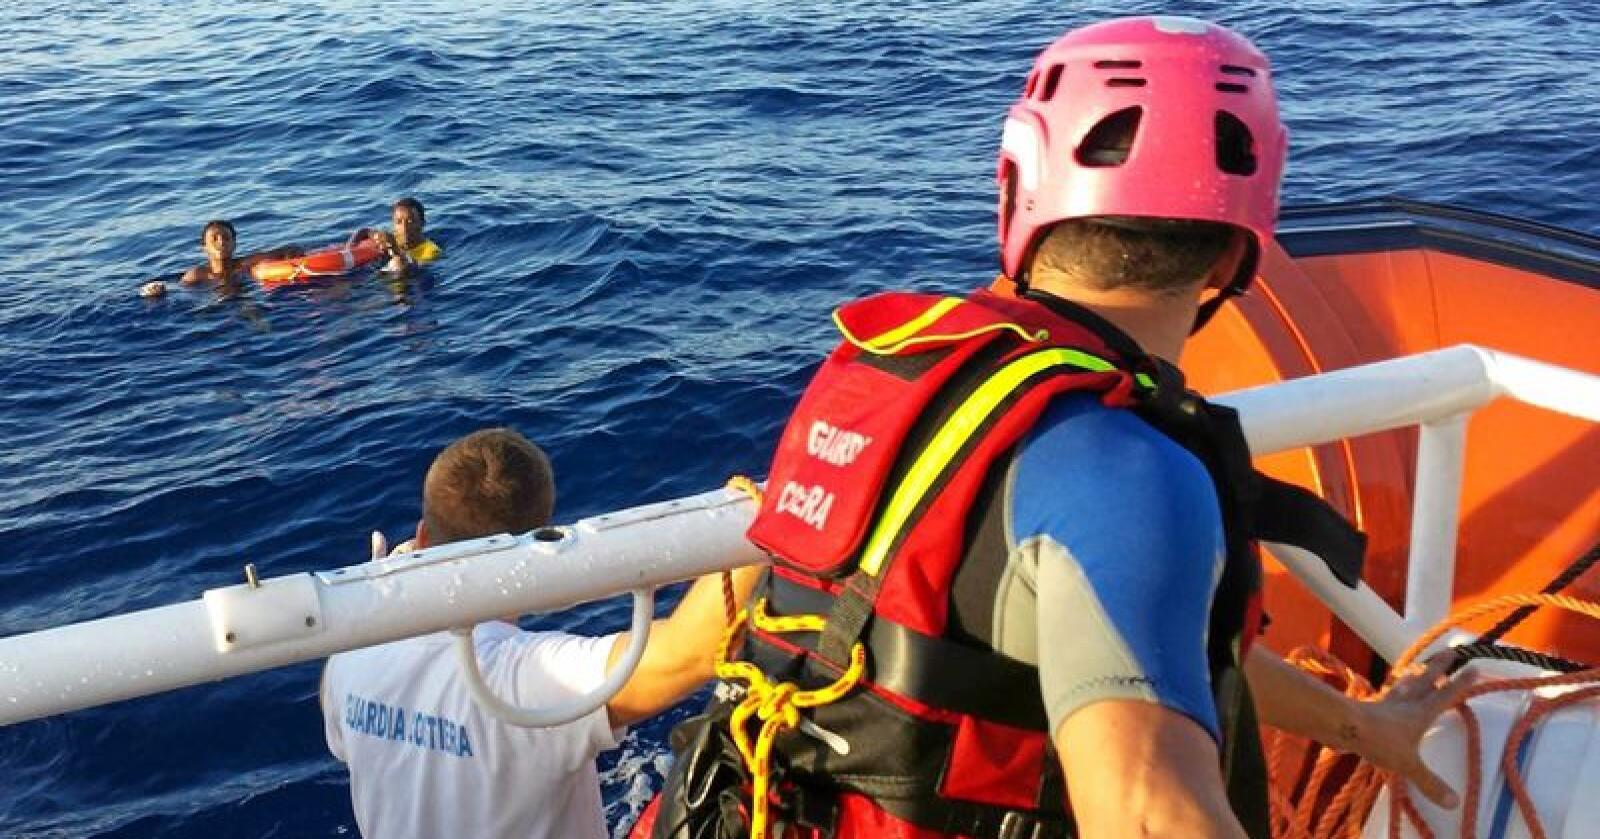 Må reddes: Deretter blir løsningene på migrantkrisen mer kompliserte. Foto: Guardia Costiera